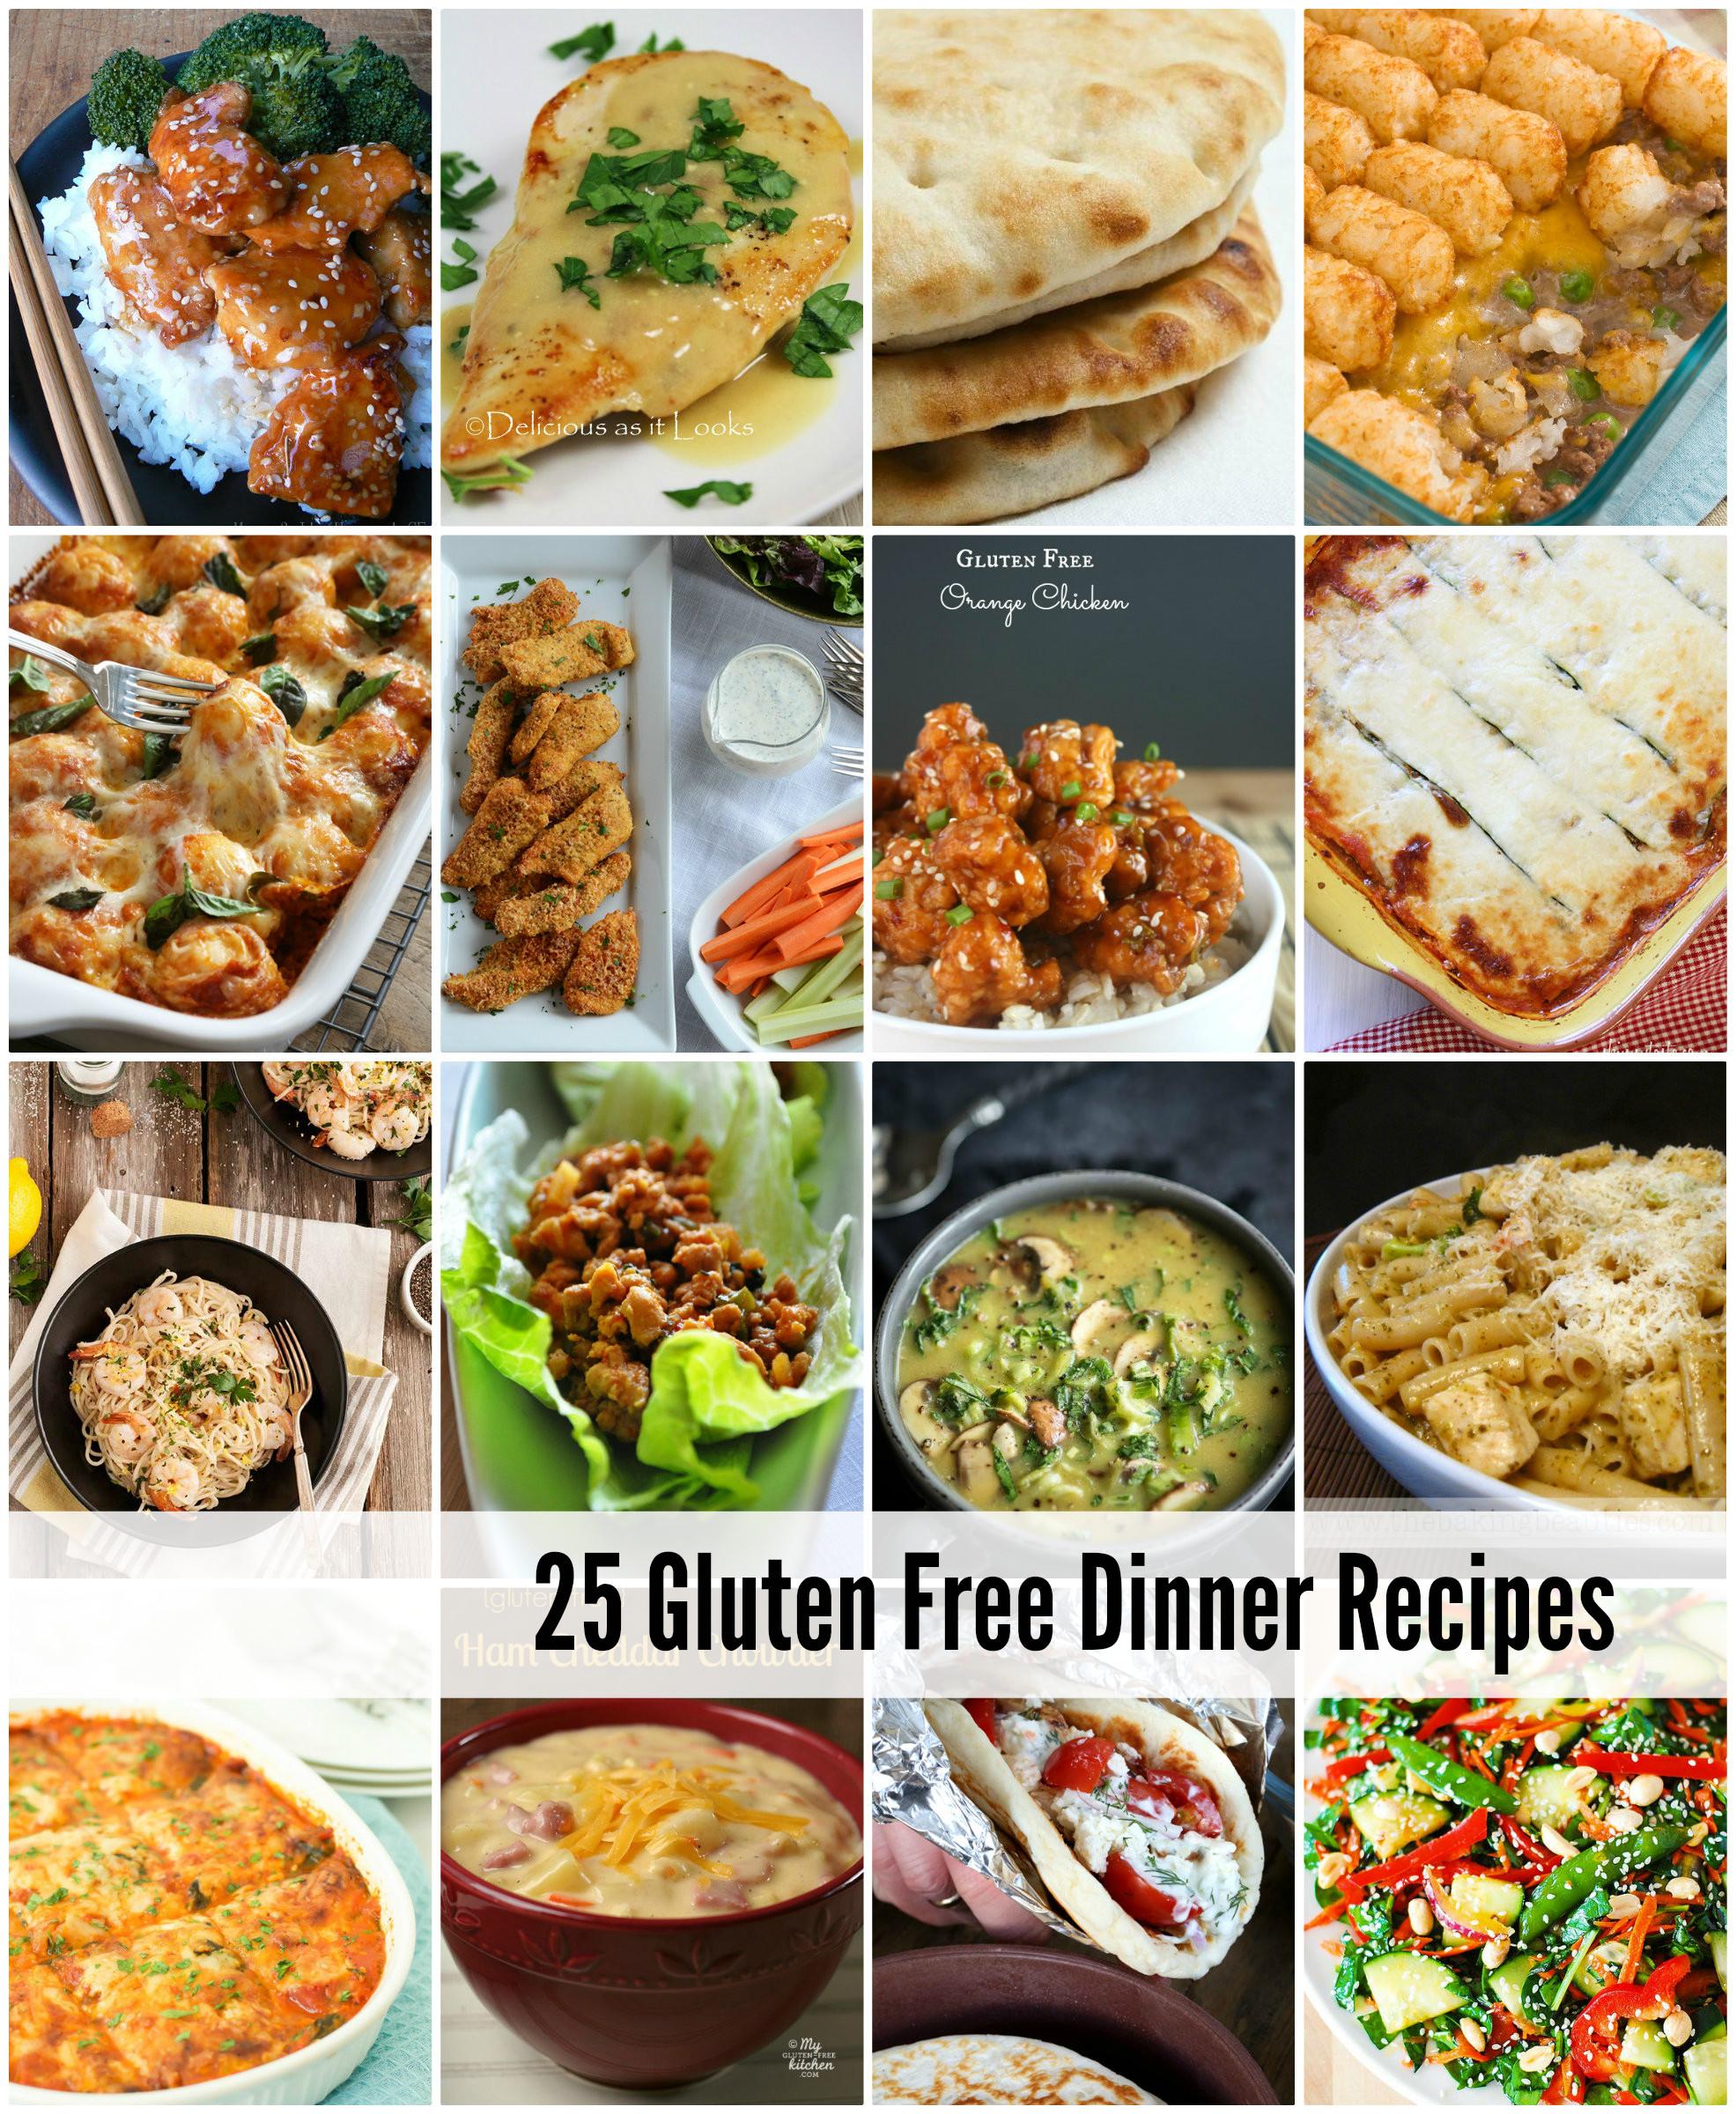 Gluten Free Dinner Recipes  easy gluten free dinner recipes for family